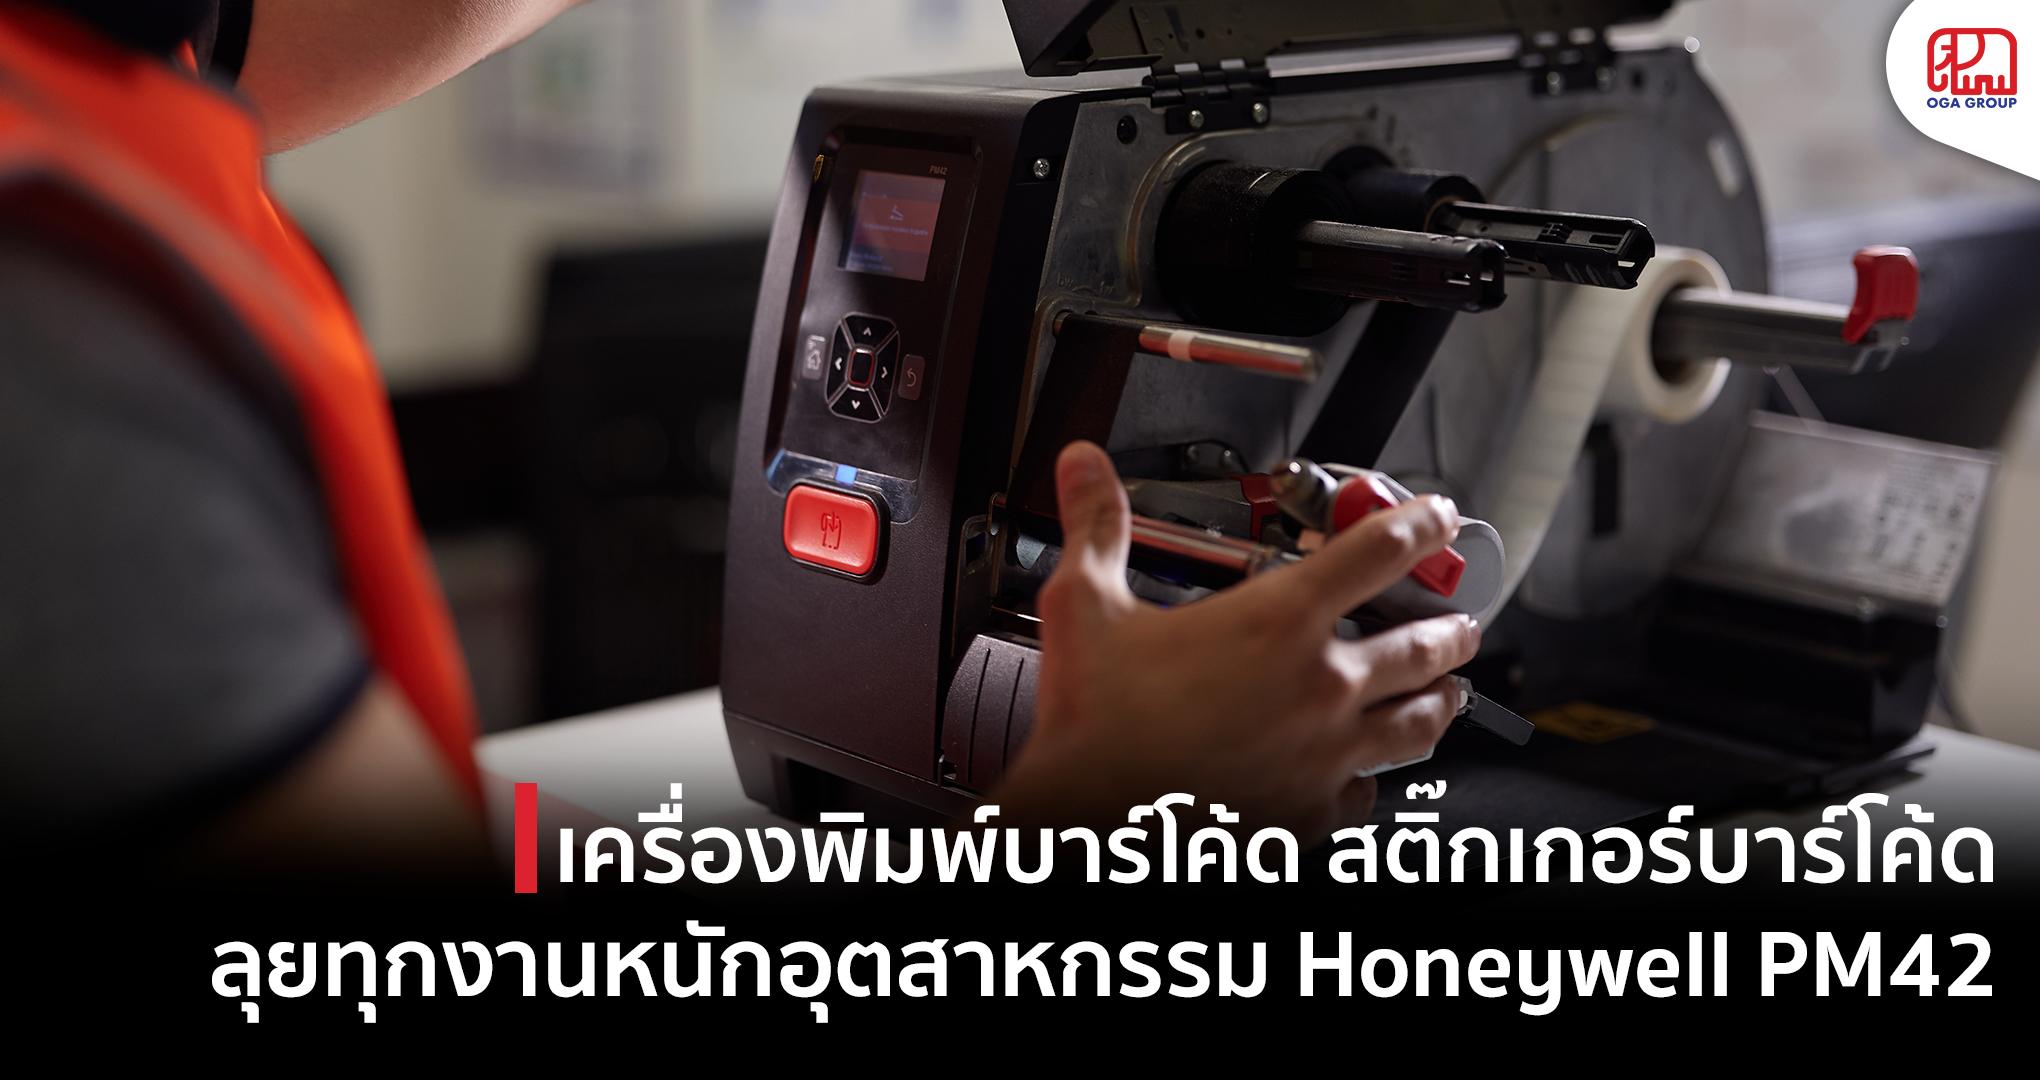 เครื่องพิมพ์บาร์โค้ดอุตสาหกรรม Honeywell PM42